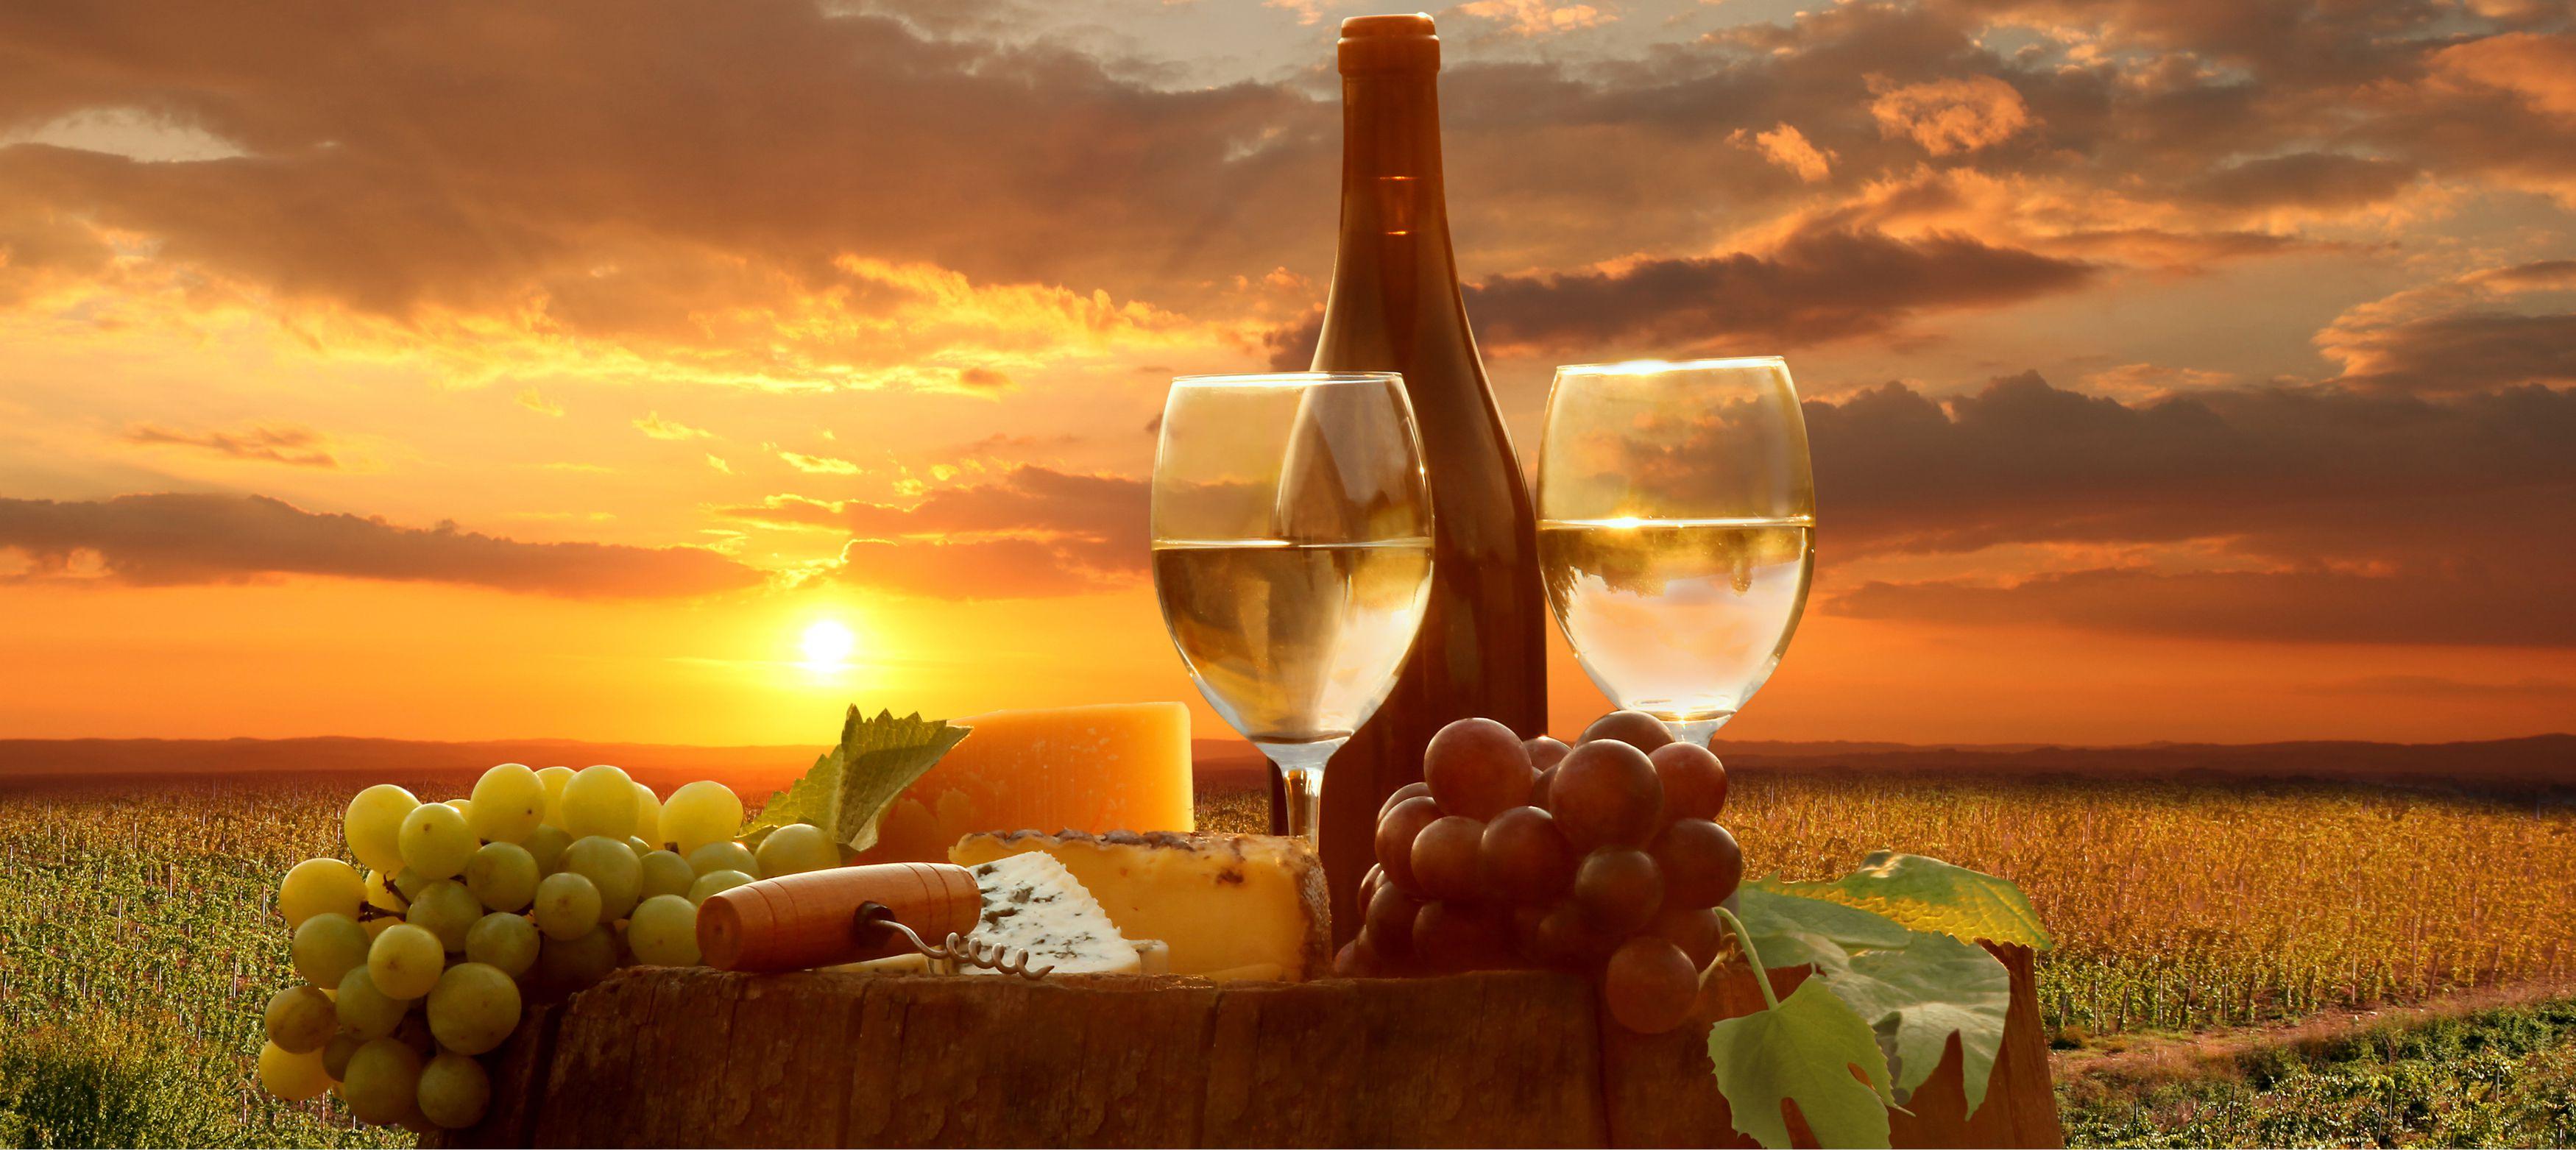 vindruvor, vitt vin och delikatess ostar i solnedgången i toscana